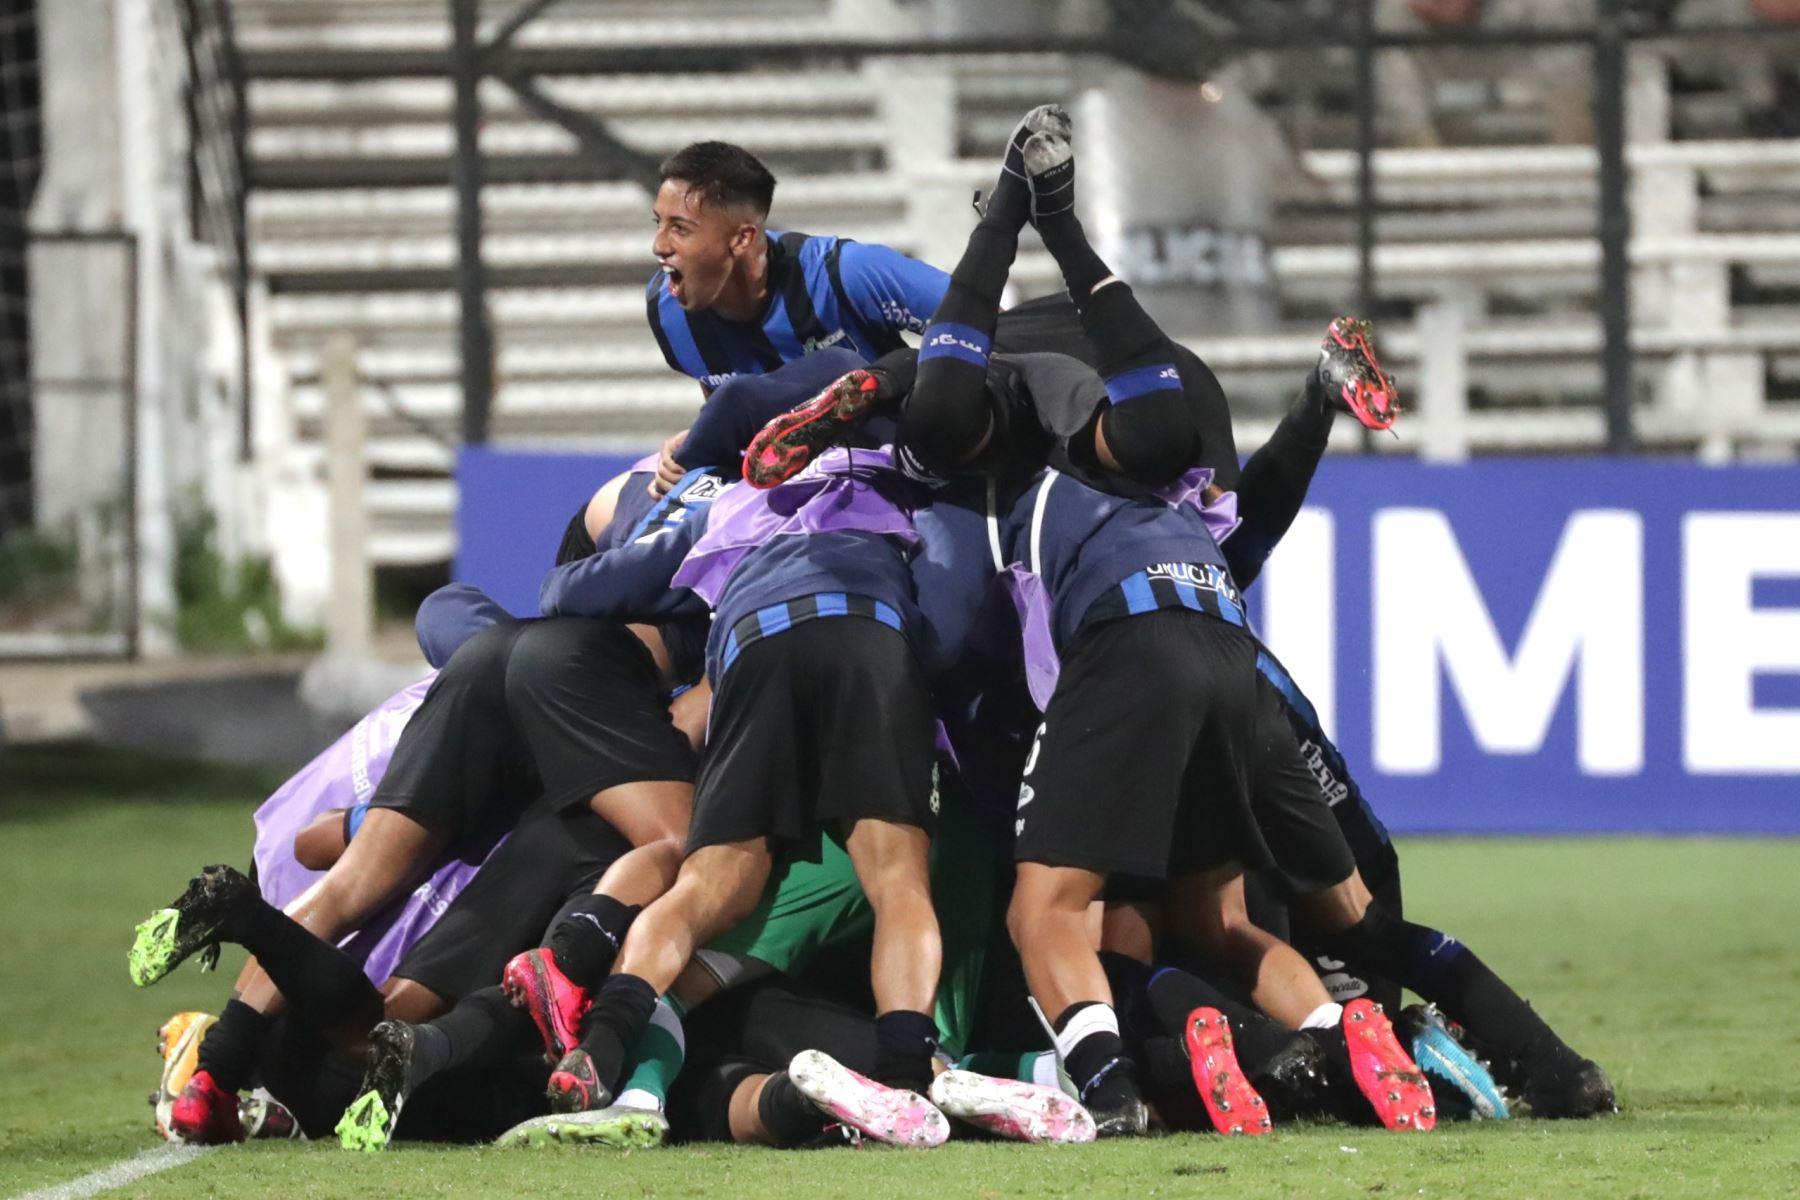 Jugadores de Liverpool celebran un gol de Martín Correa, en un partido de la primera fase de la Copa Libertadores entre Liverpool y Universidad Católica en el estadio Parque Viera en Montevideo. Foto: AFP